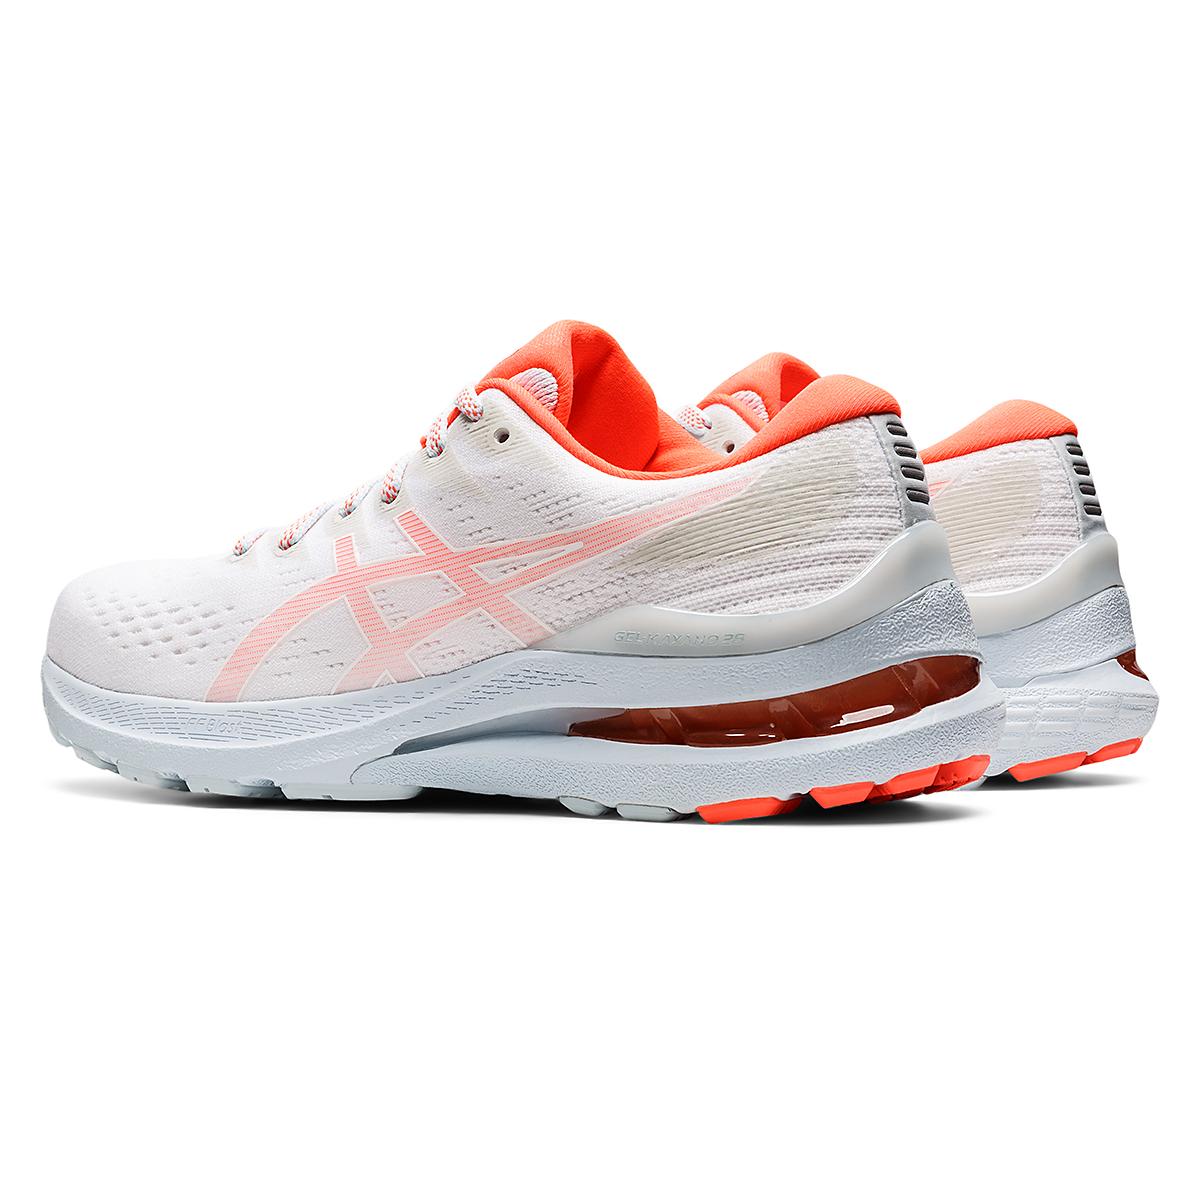 Women's Asics Gel-Kayano 28 Running Shoe, , large, image 4